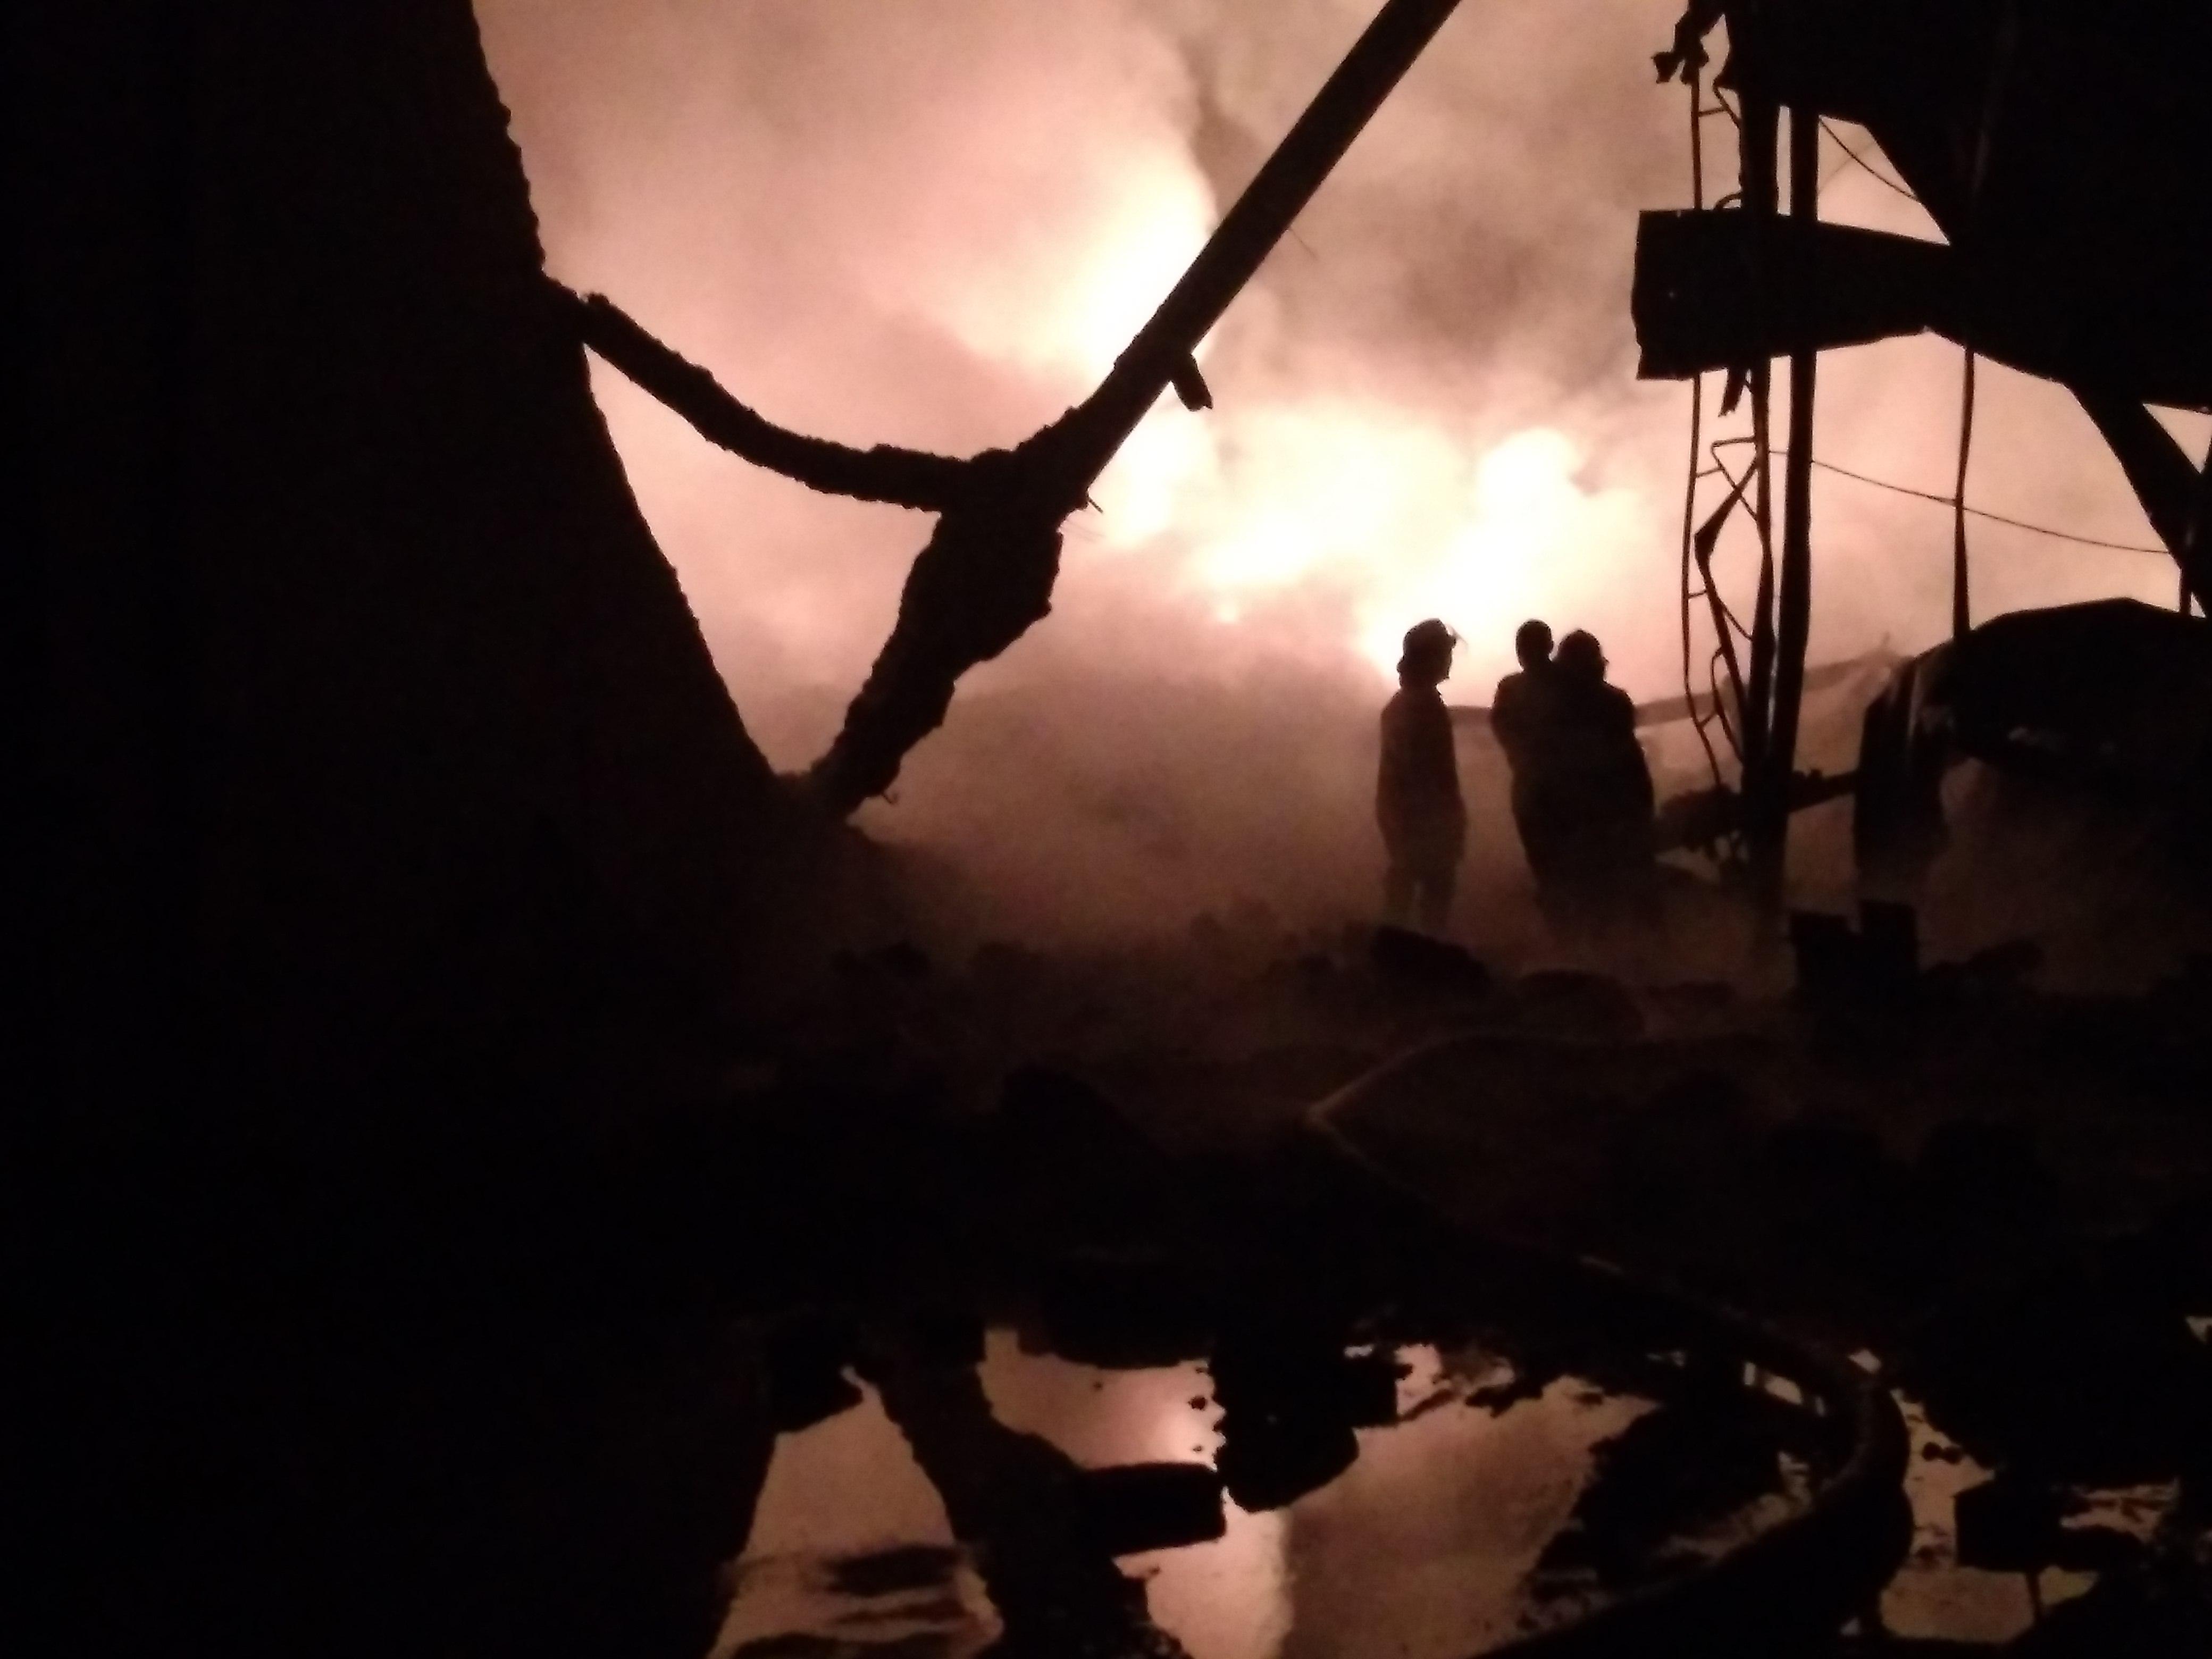 Polisi Selidiki Penyebab Terbakarnya Gudang Plastik di Sidoarjo